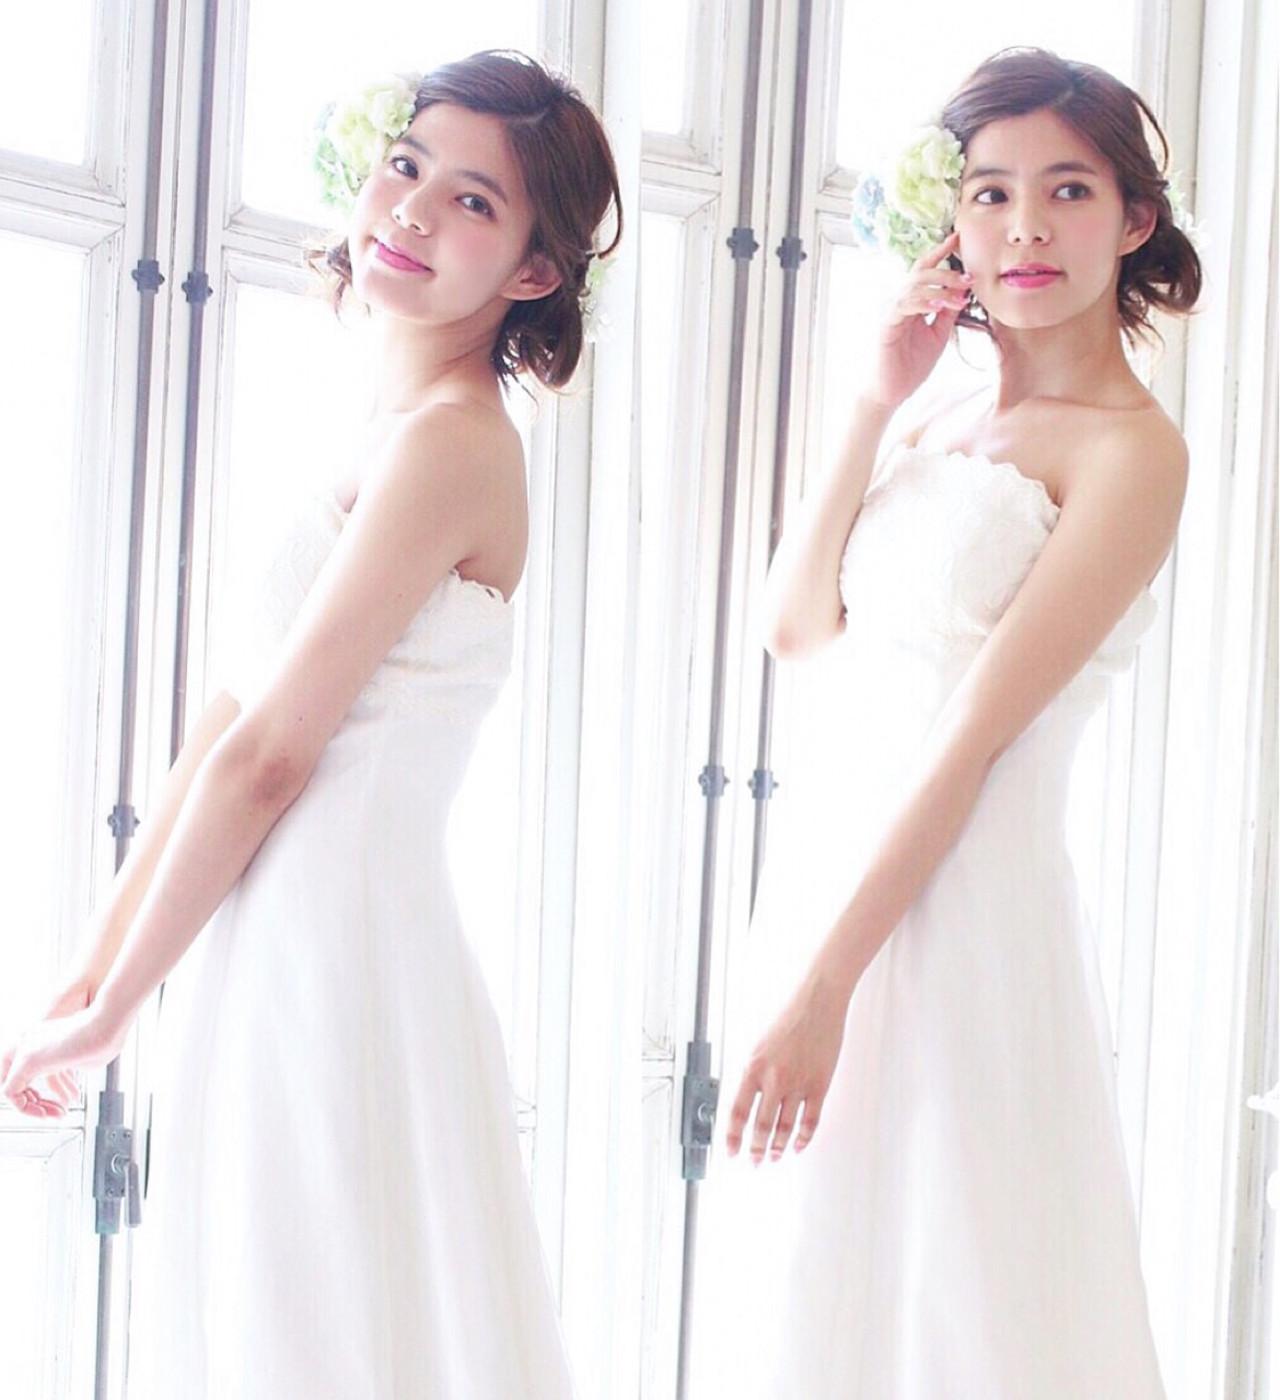 ヘアアレンジ セミロング ブライダル 結婚式 ヘアスタイルや髪型の写真・画像